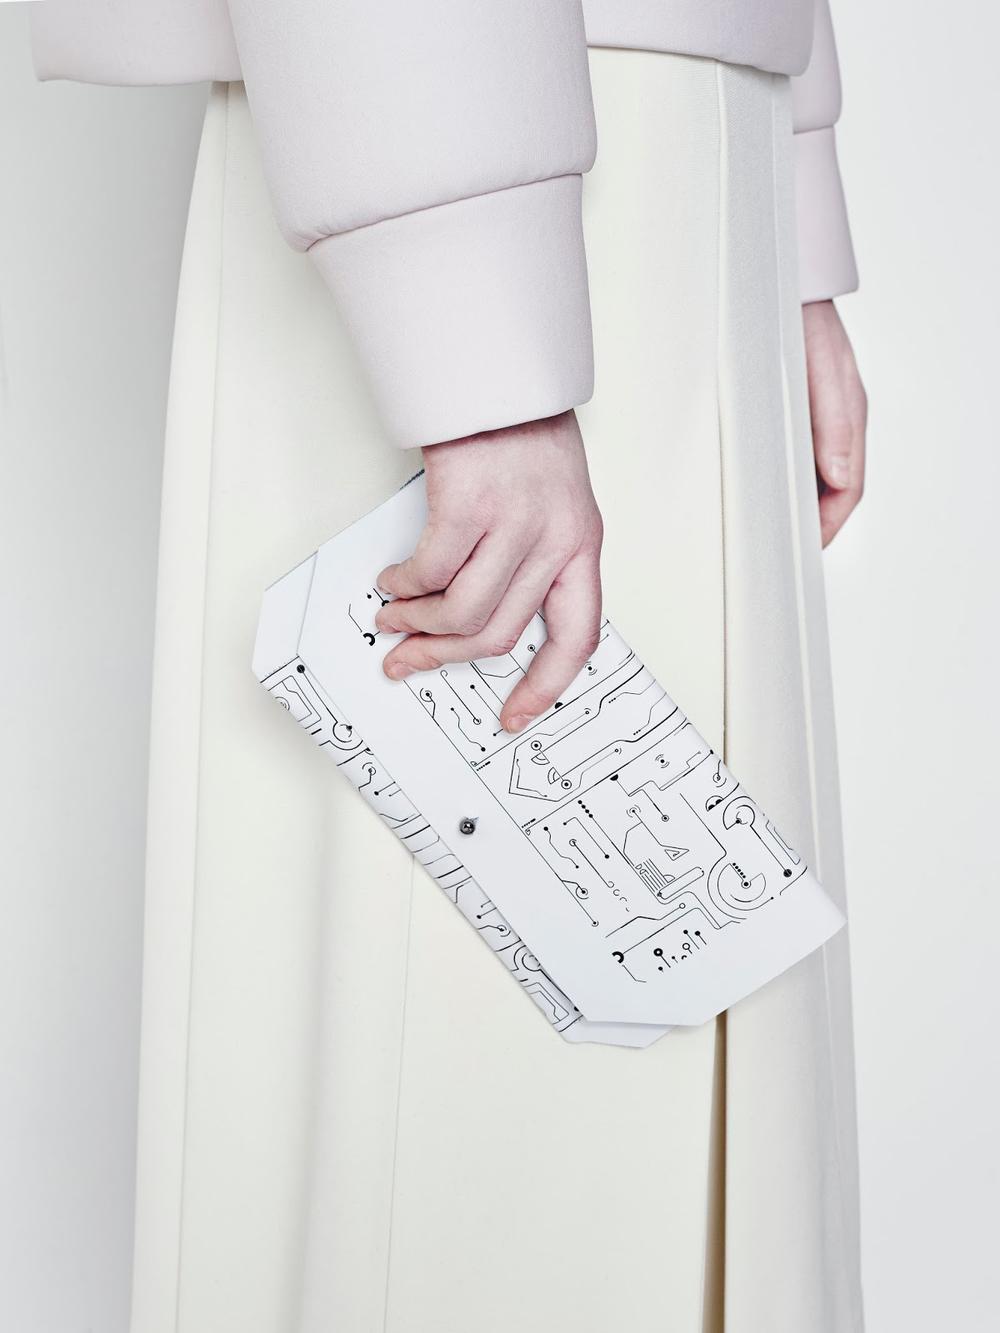 Cres. E. Dim. Future Shock FW 2014 Fashion Collection